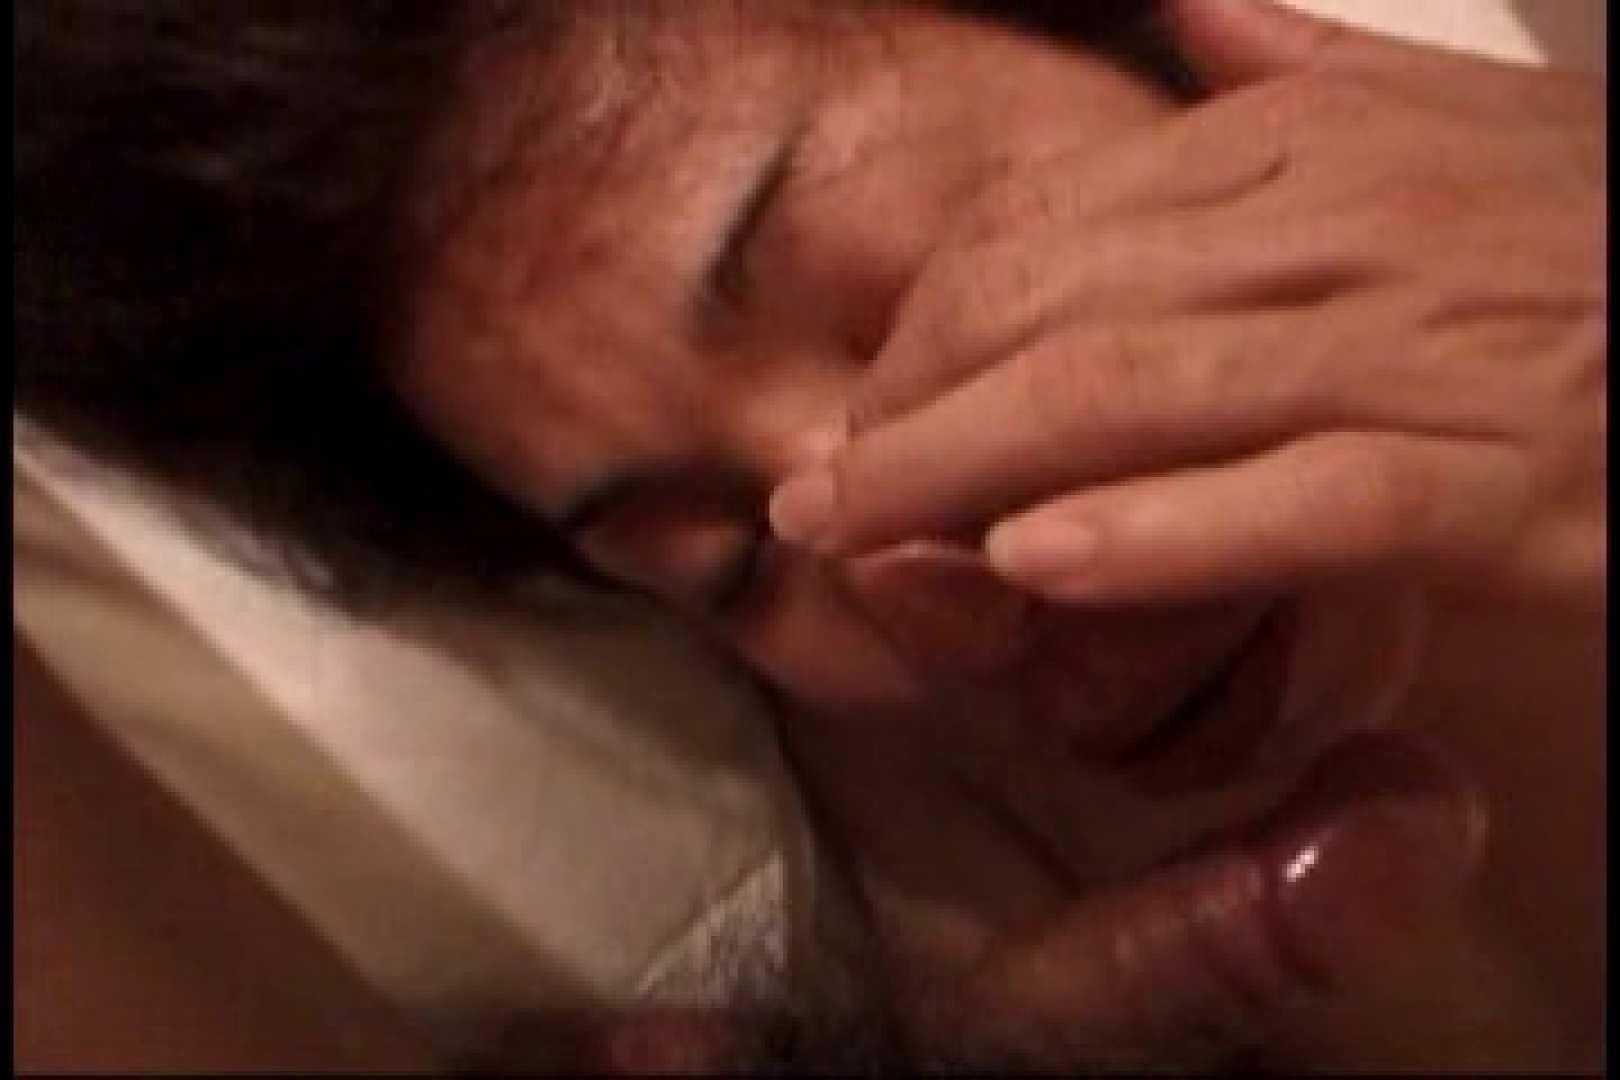 三ッ星シリーズ!!イケメン羞恥心!!File.03 イケメンたち ケツマンスケベ画像 83pic 50